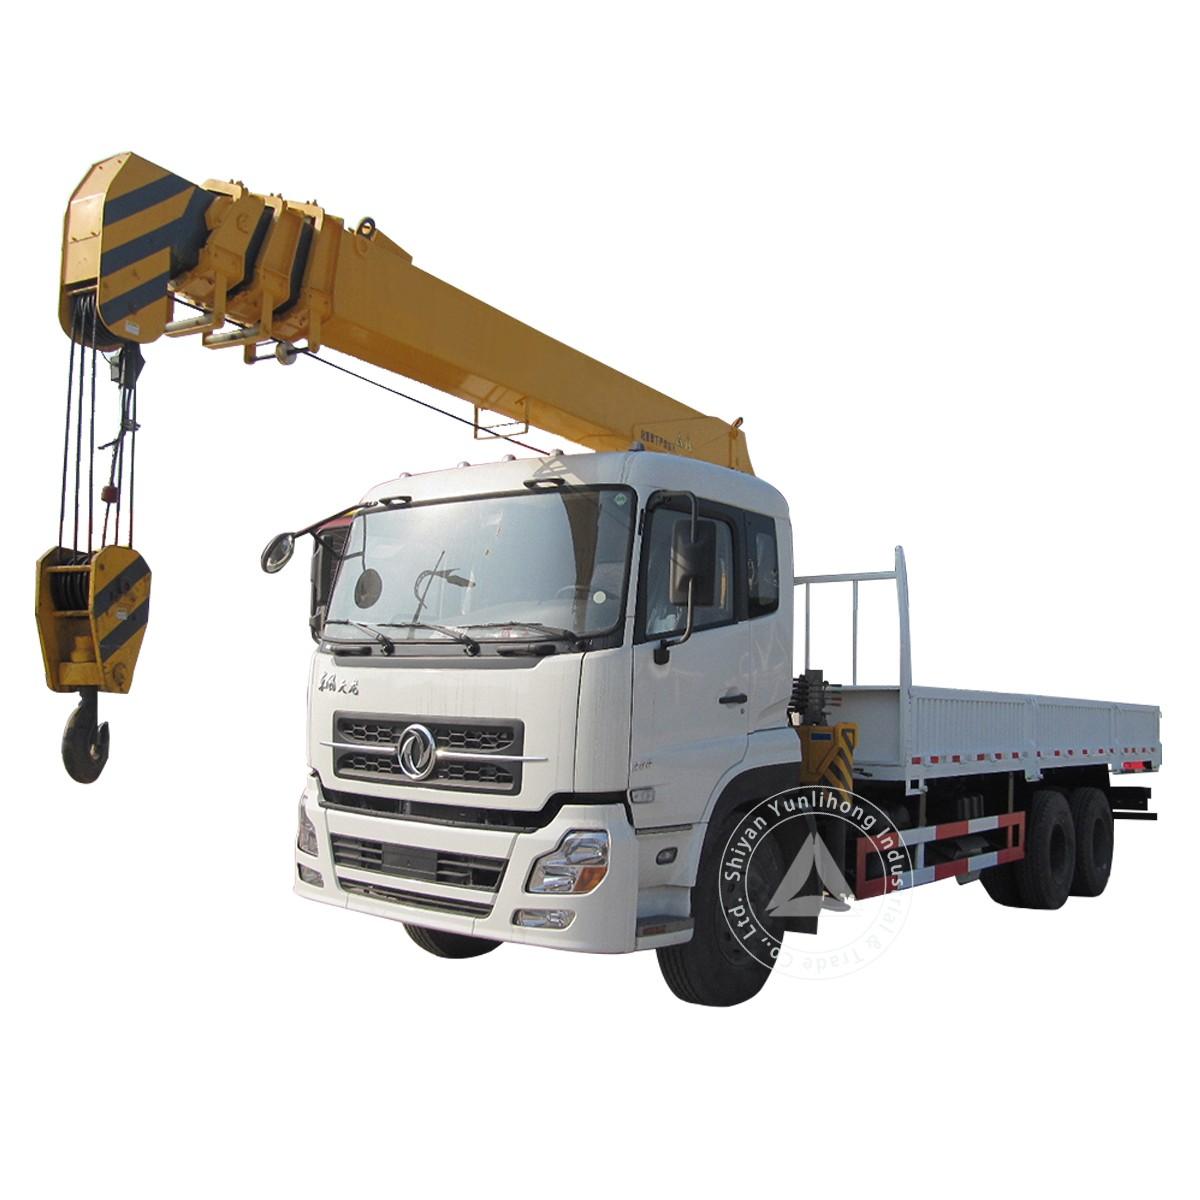 खरीदने के लिए डोंगफेंग केसी 6x4 जीवीडब्ल्यू 27 टन ट्रक 9-12 टन क्रेन घुड़सवार,डोंगफेंग केसी 6x4 जीवीडब्ल्यू 27 टन ट्रक 9-12 टन क्रेन घुड़सवार दाम,डोंगफेंग केसी 6x4 जीवीडब्ल्यू 27 टन ट्रक 9-12 टन क्रेन घुड़सवार ब्रांड,डोंगफेंग केसी 6x4 जीवीडब्ल्यू 27 टन ट्रक 9-12 टन क्रेन घुड़सवार मैन्युफैक्चरर्स,डोंगफेंग केसी 6x4 जीवीडब्ल्यू 27 टन ट्रक 9-12 टन क्रेन घुड़सवार उद्धृत मूल्य,डोंगफेंग केसी 6x4 जीवीडब्ल्यू 27 टन ट्रक 9-12 टन क्रेन घुड़सवार कंपनी,